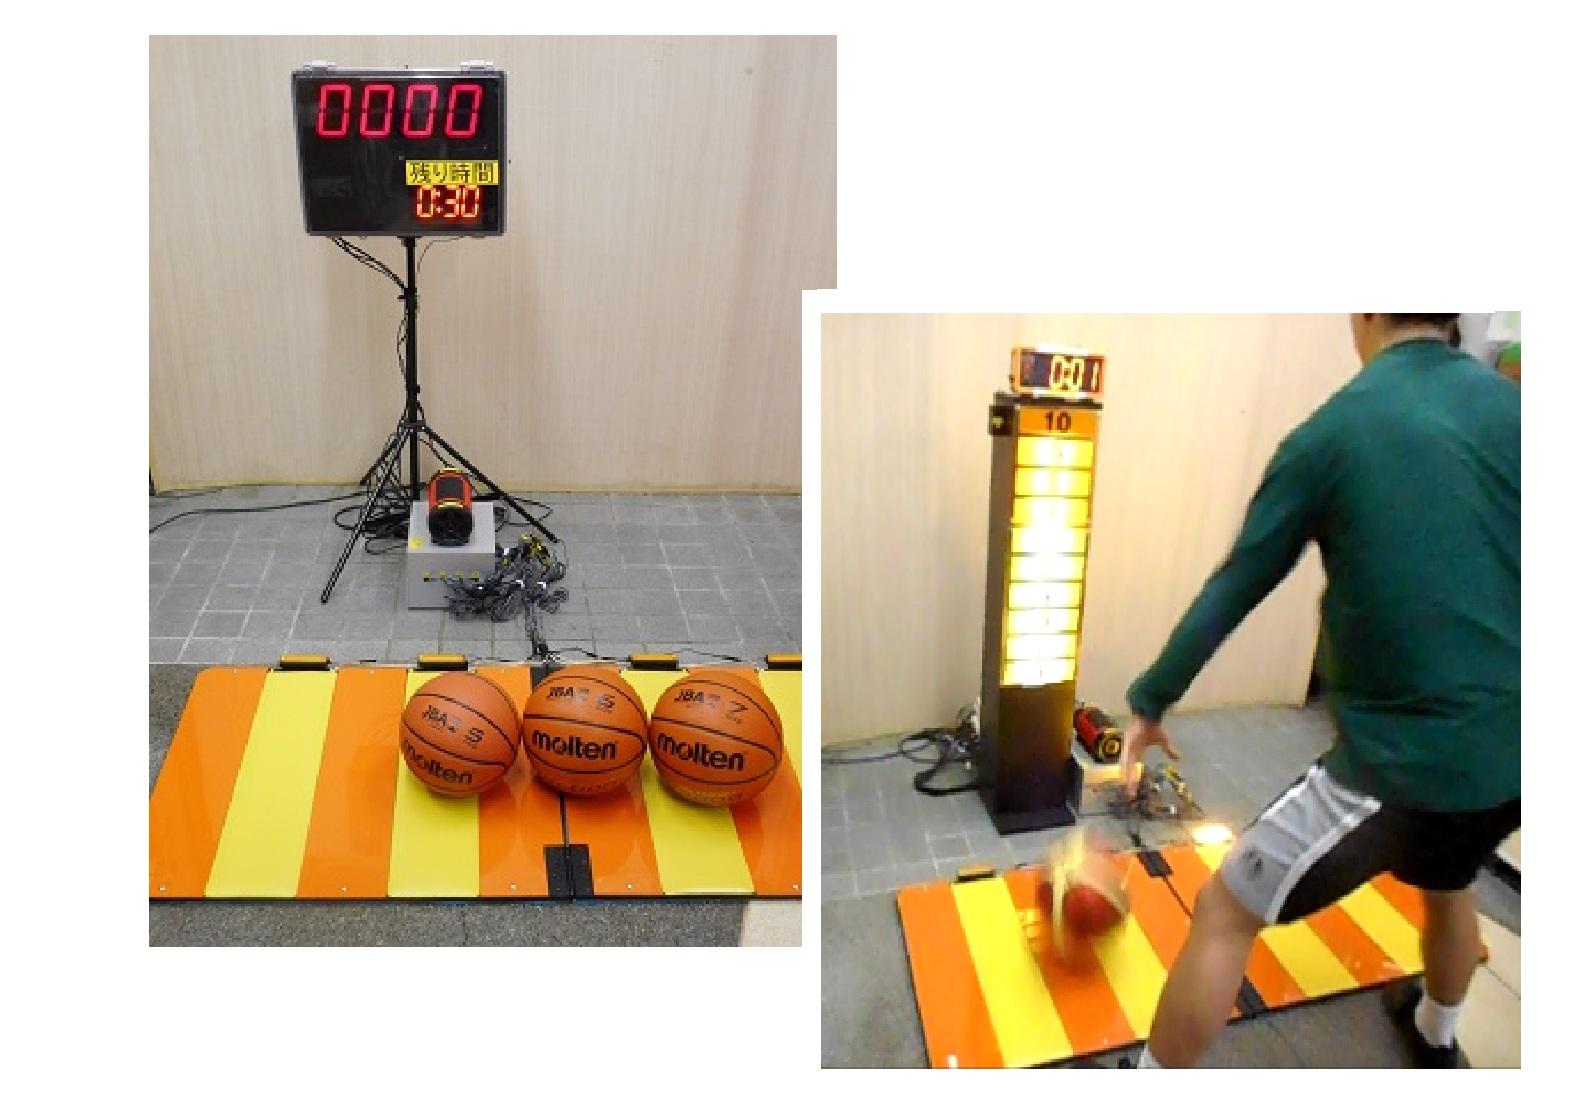 ラグビーイベント用測定装置